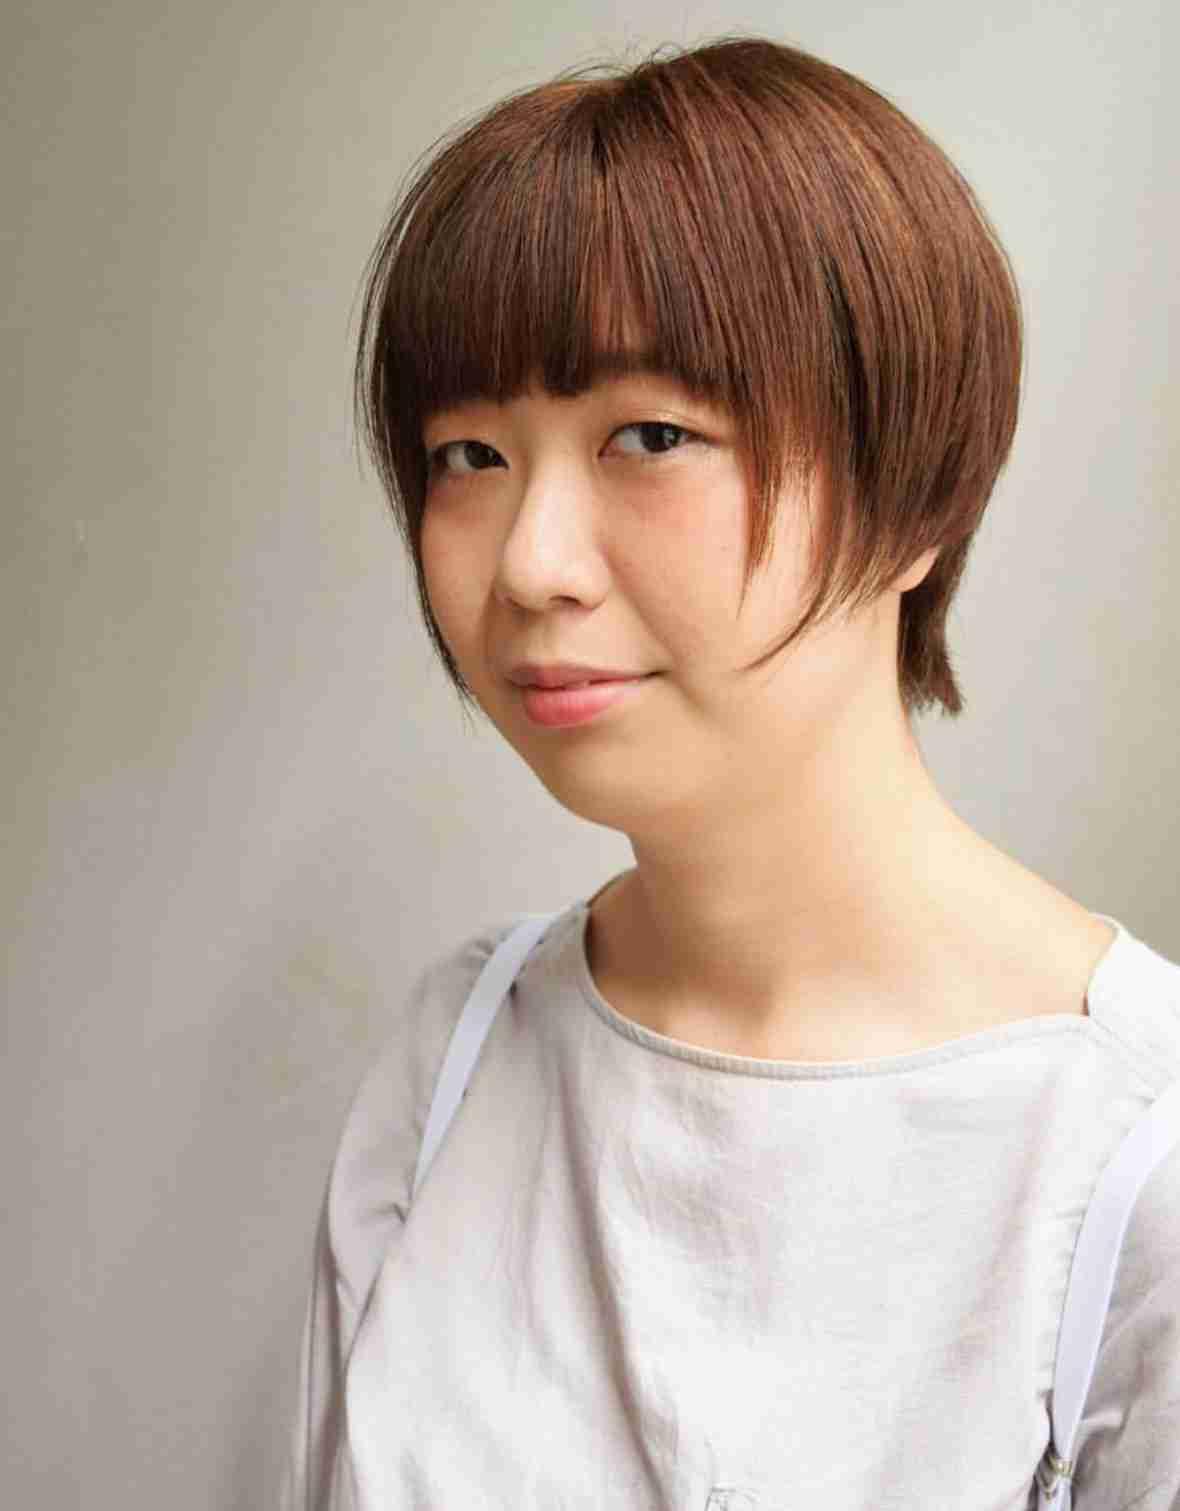 かわいいショートヘアー | ガールズちゃんねる - girls channel -